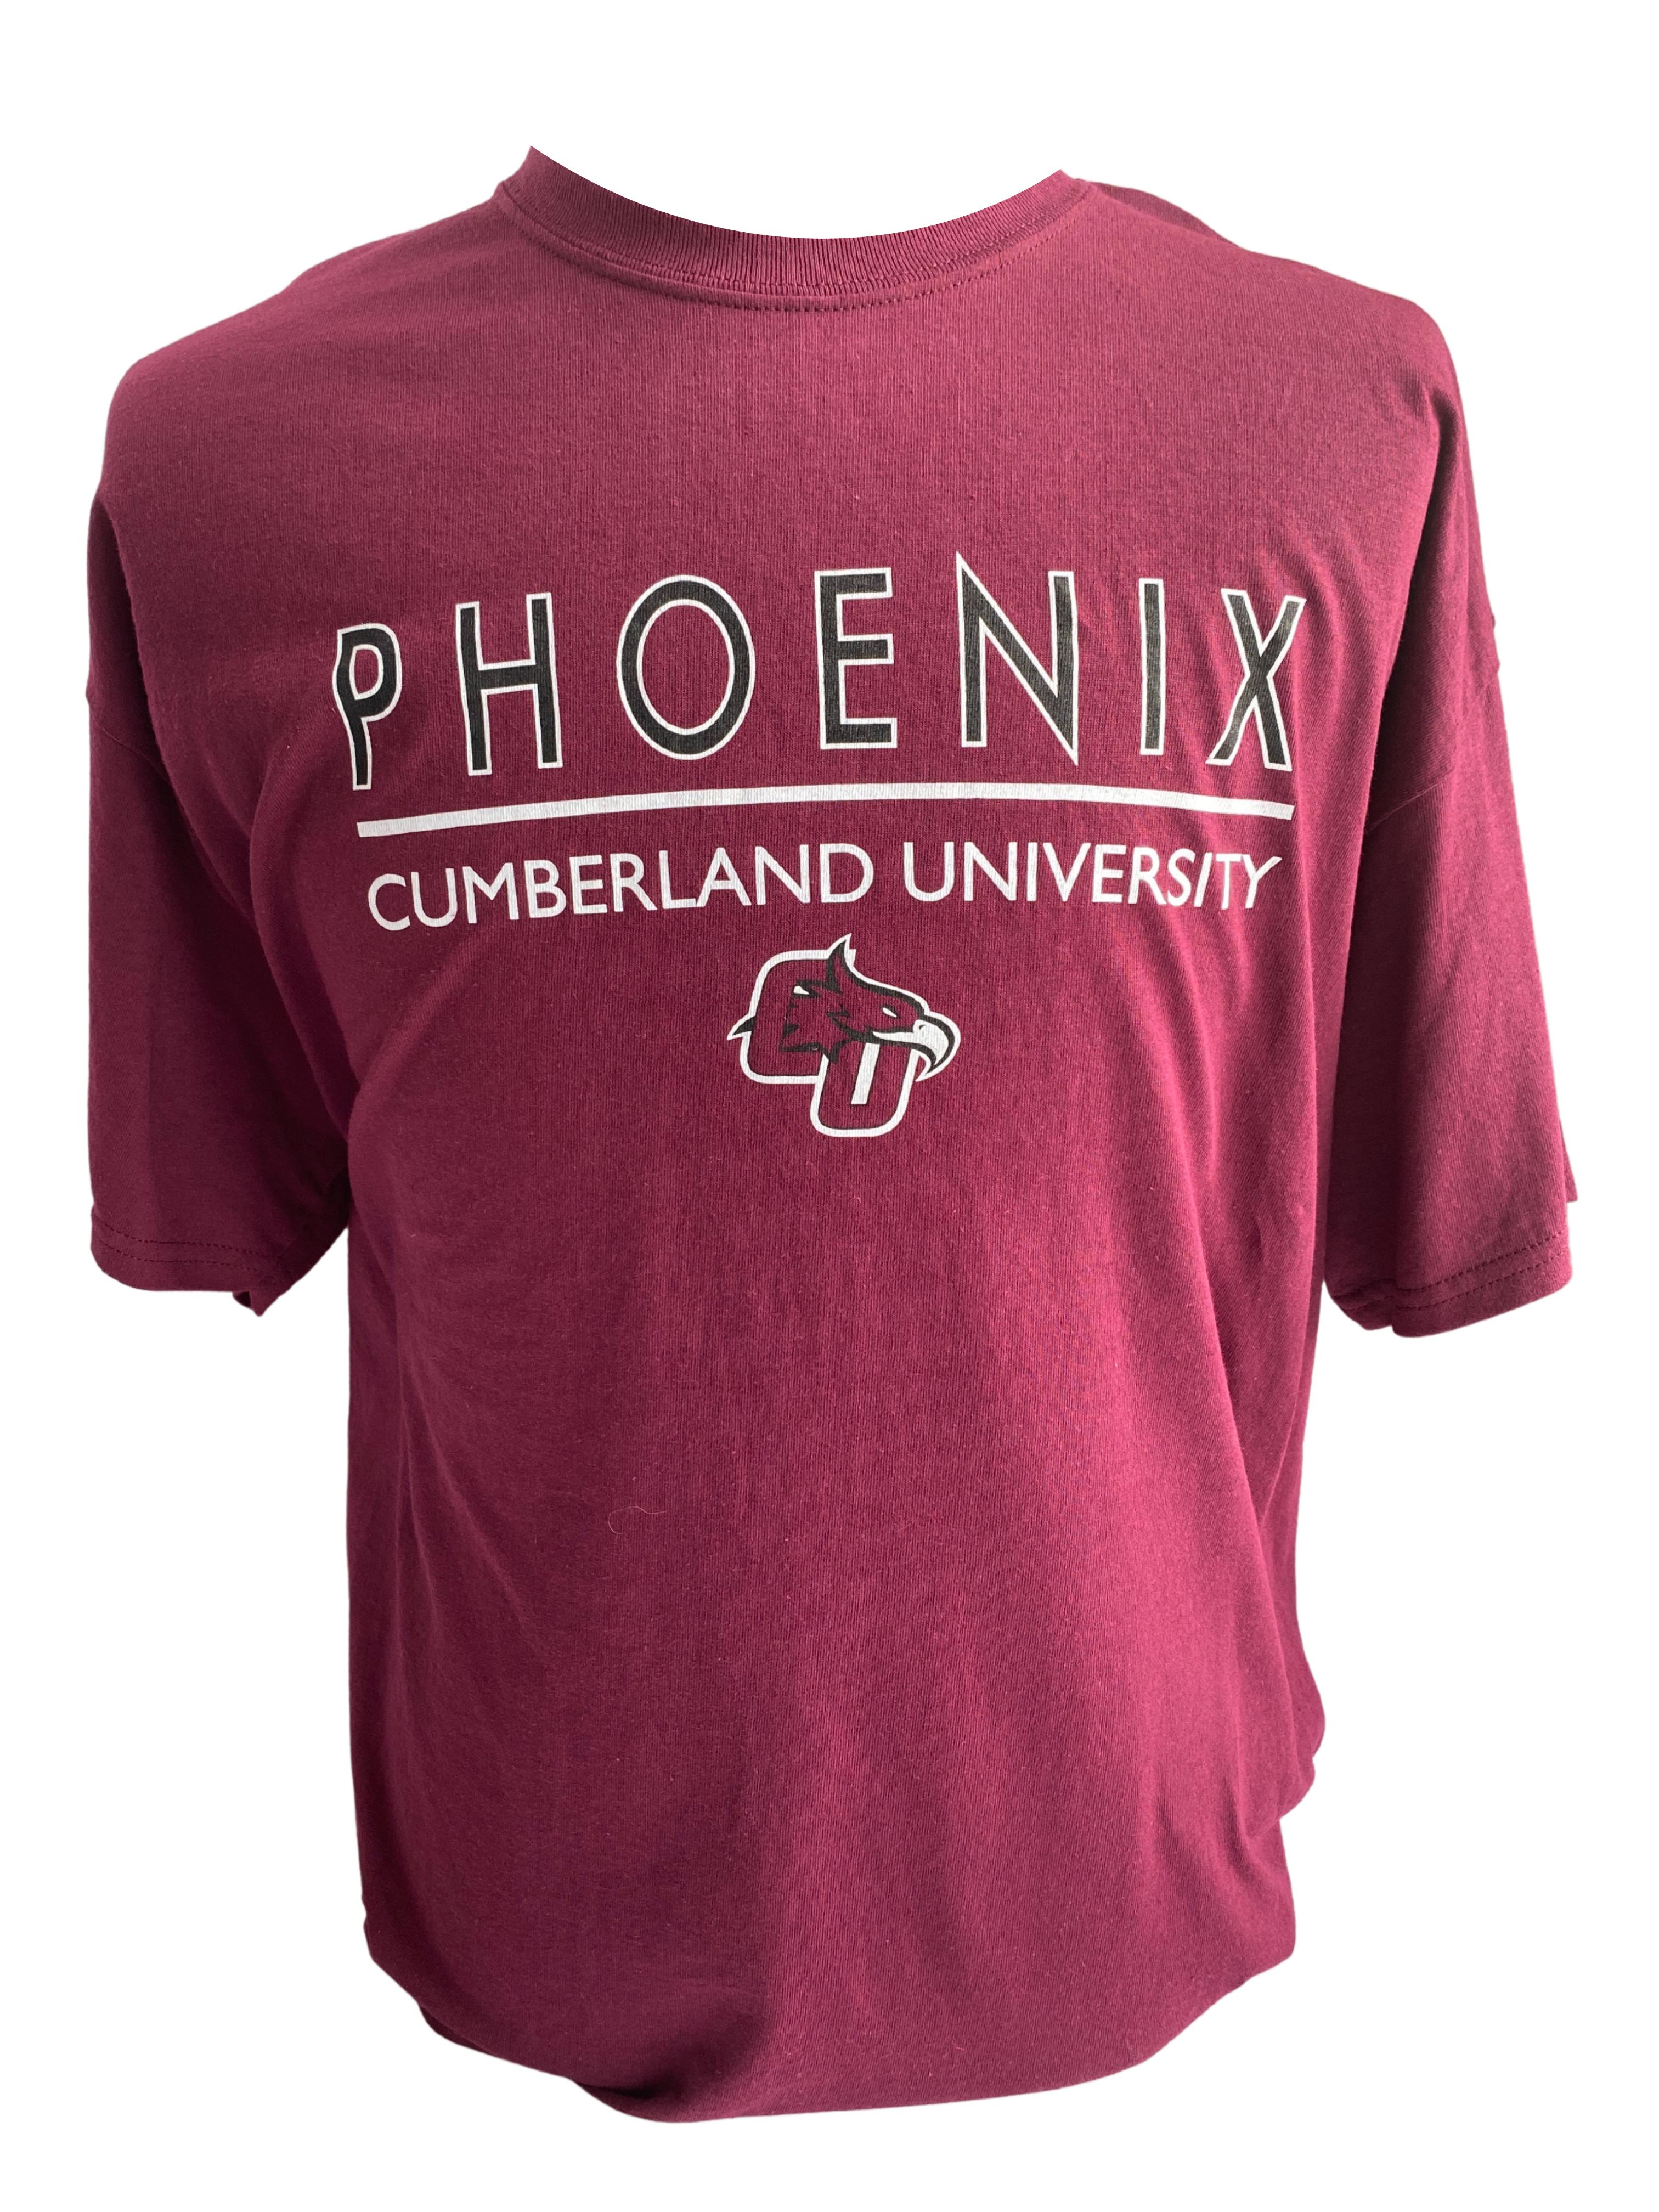 Phoenix Cumberland University Tshirt